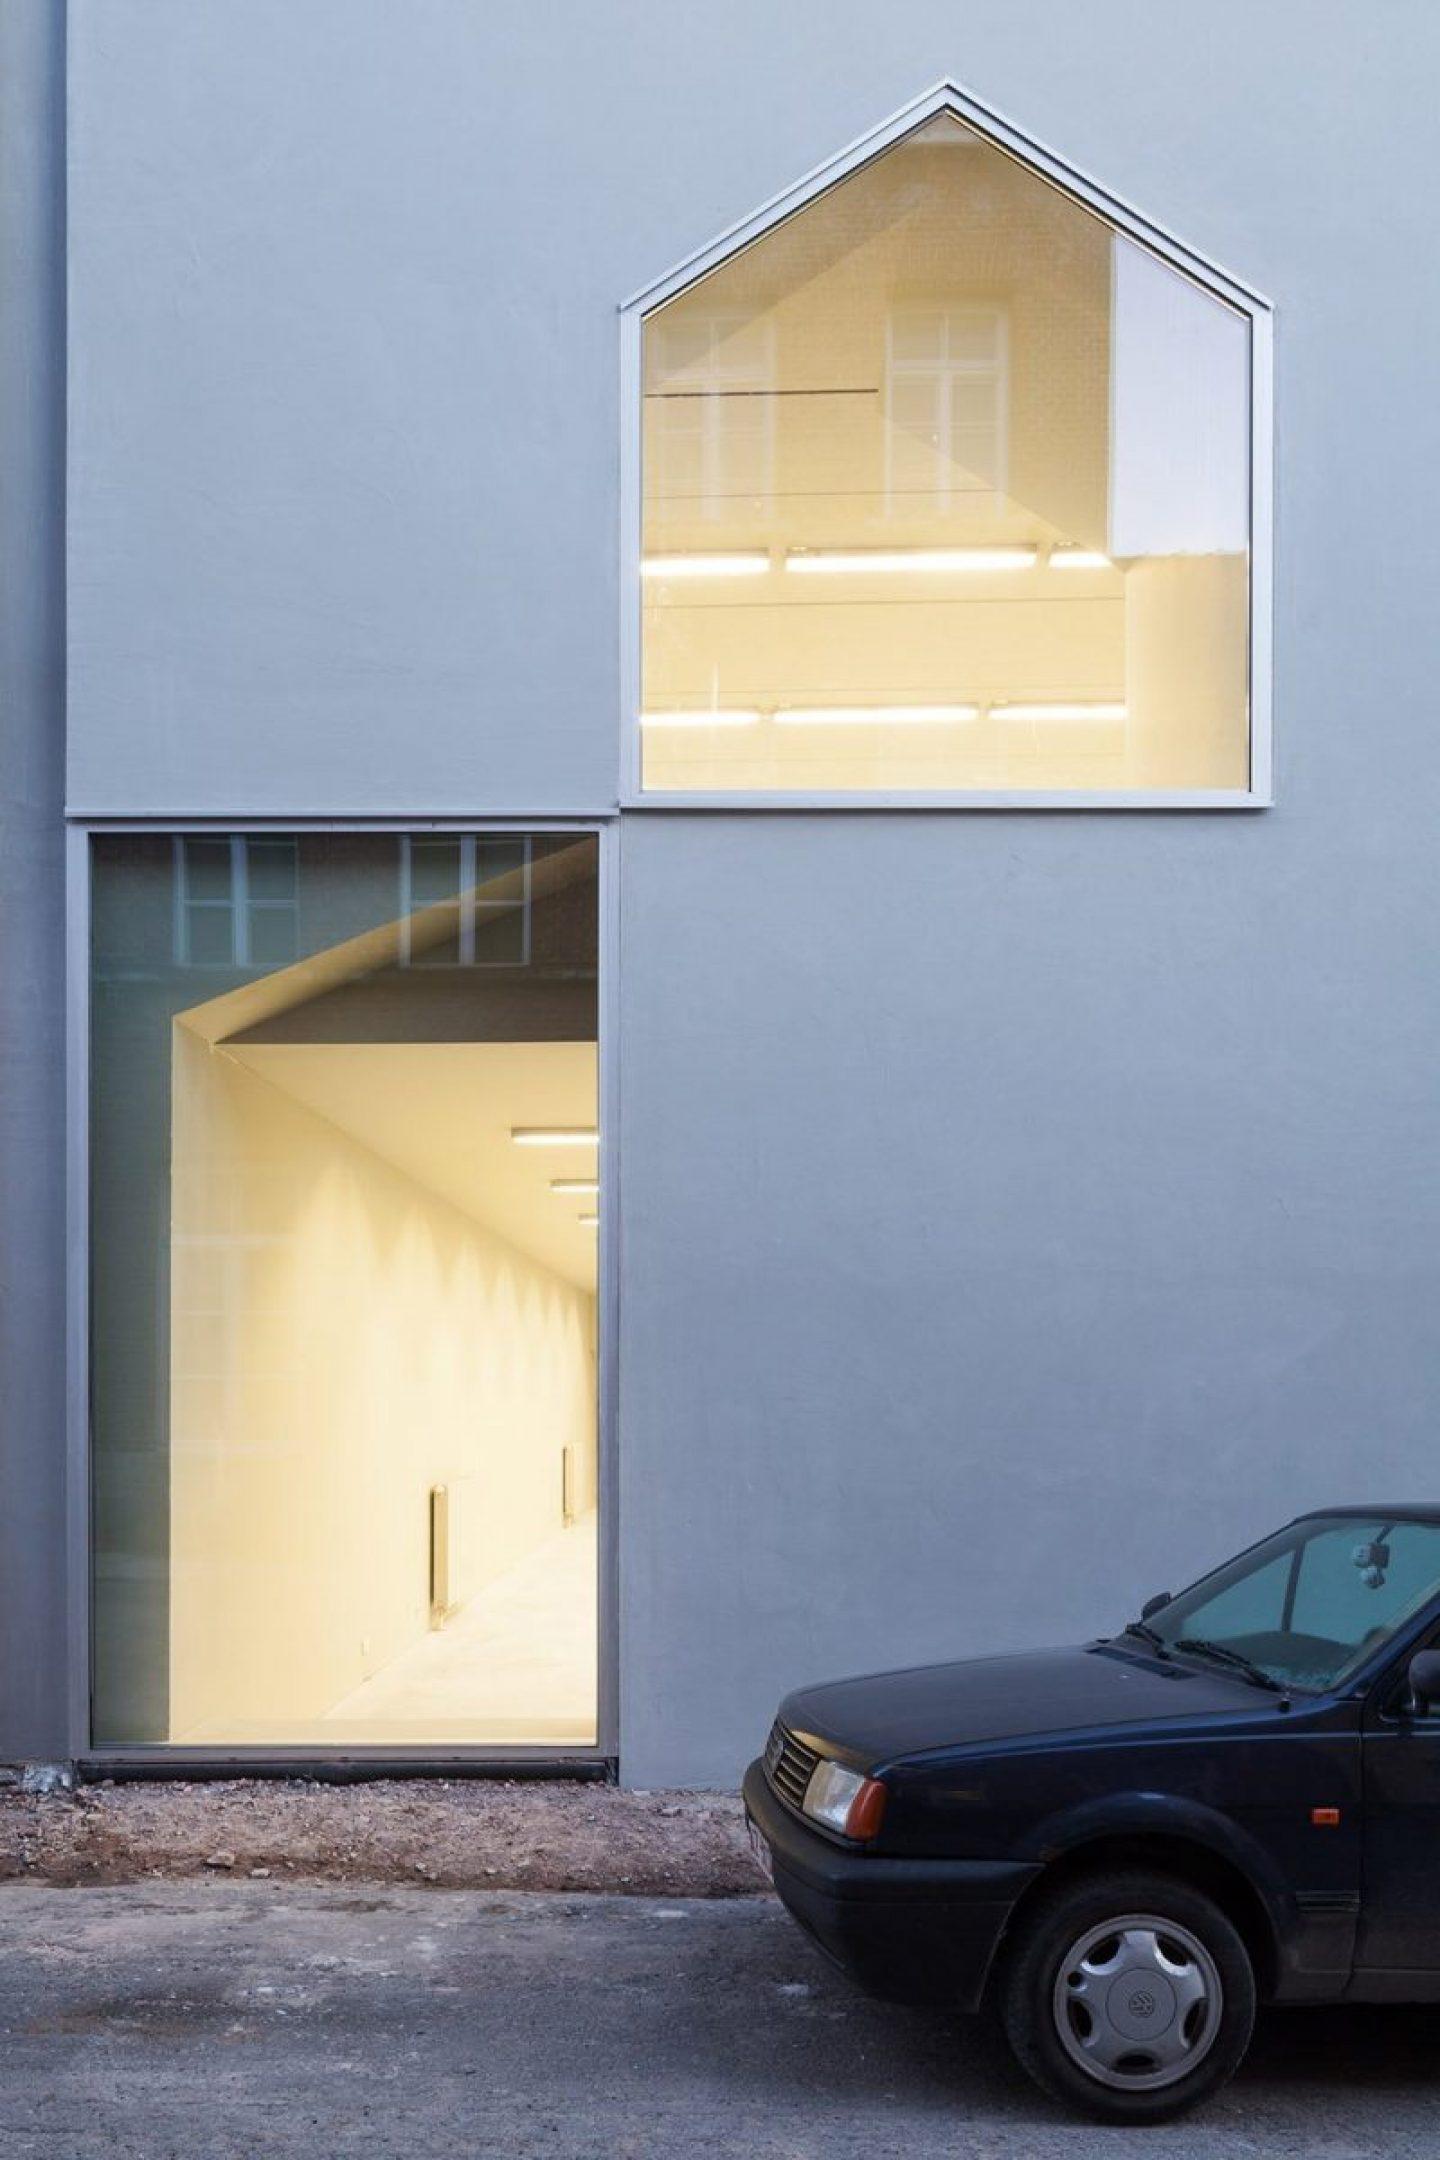 iGNANT_Architecture_Aires_Mateus_LOCI_16